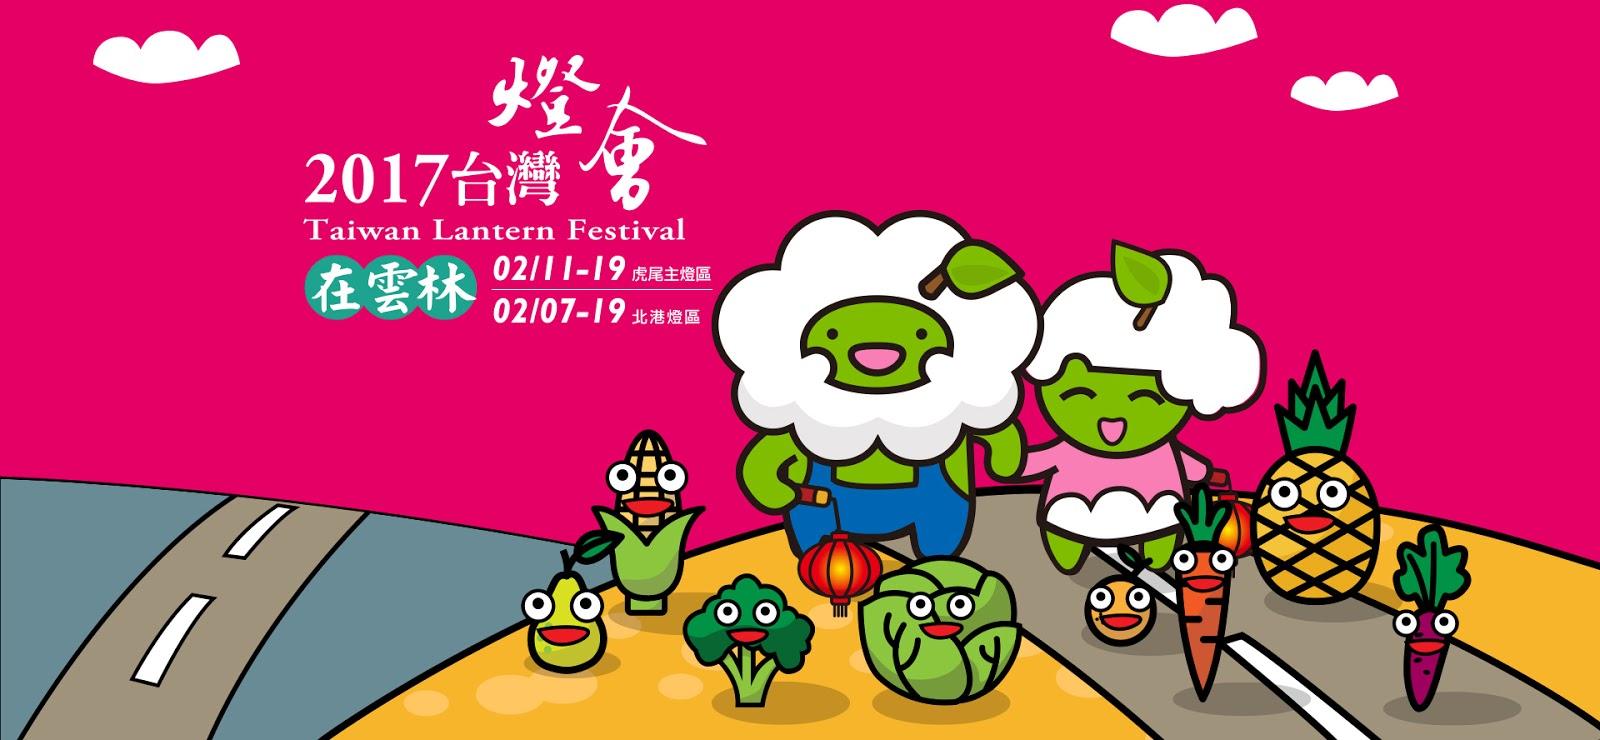 不斷更新-2017台灣燈會在雲林!! 活動與全攻略搶先看,虎尾主燈區已閉幕/北港燈區延展至4月20日 開燈時間為每周五、六、日(包括228連假和清明連假)晚上6點至9點